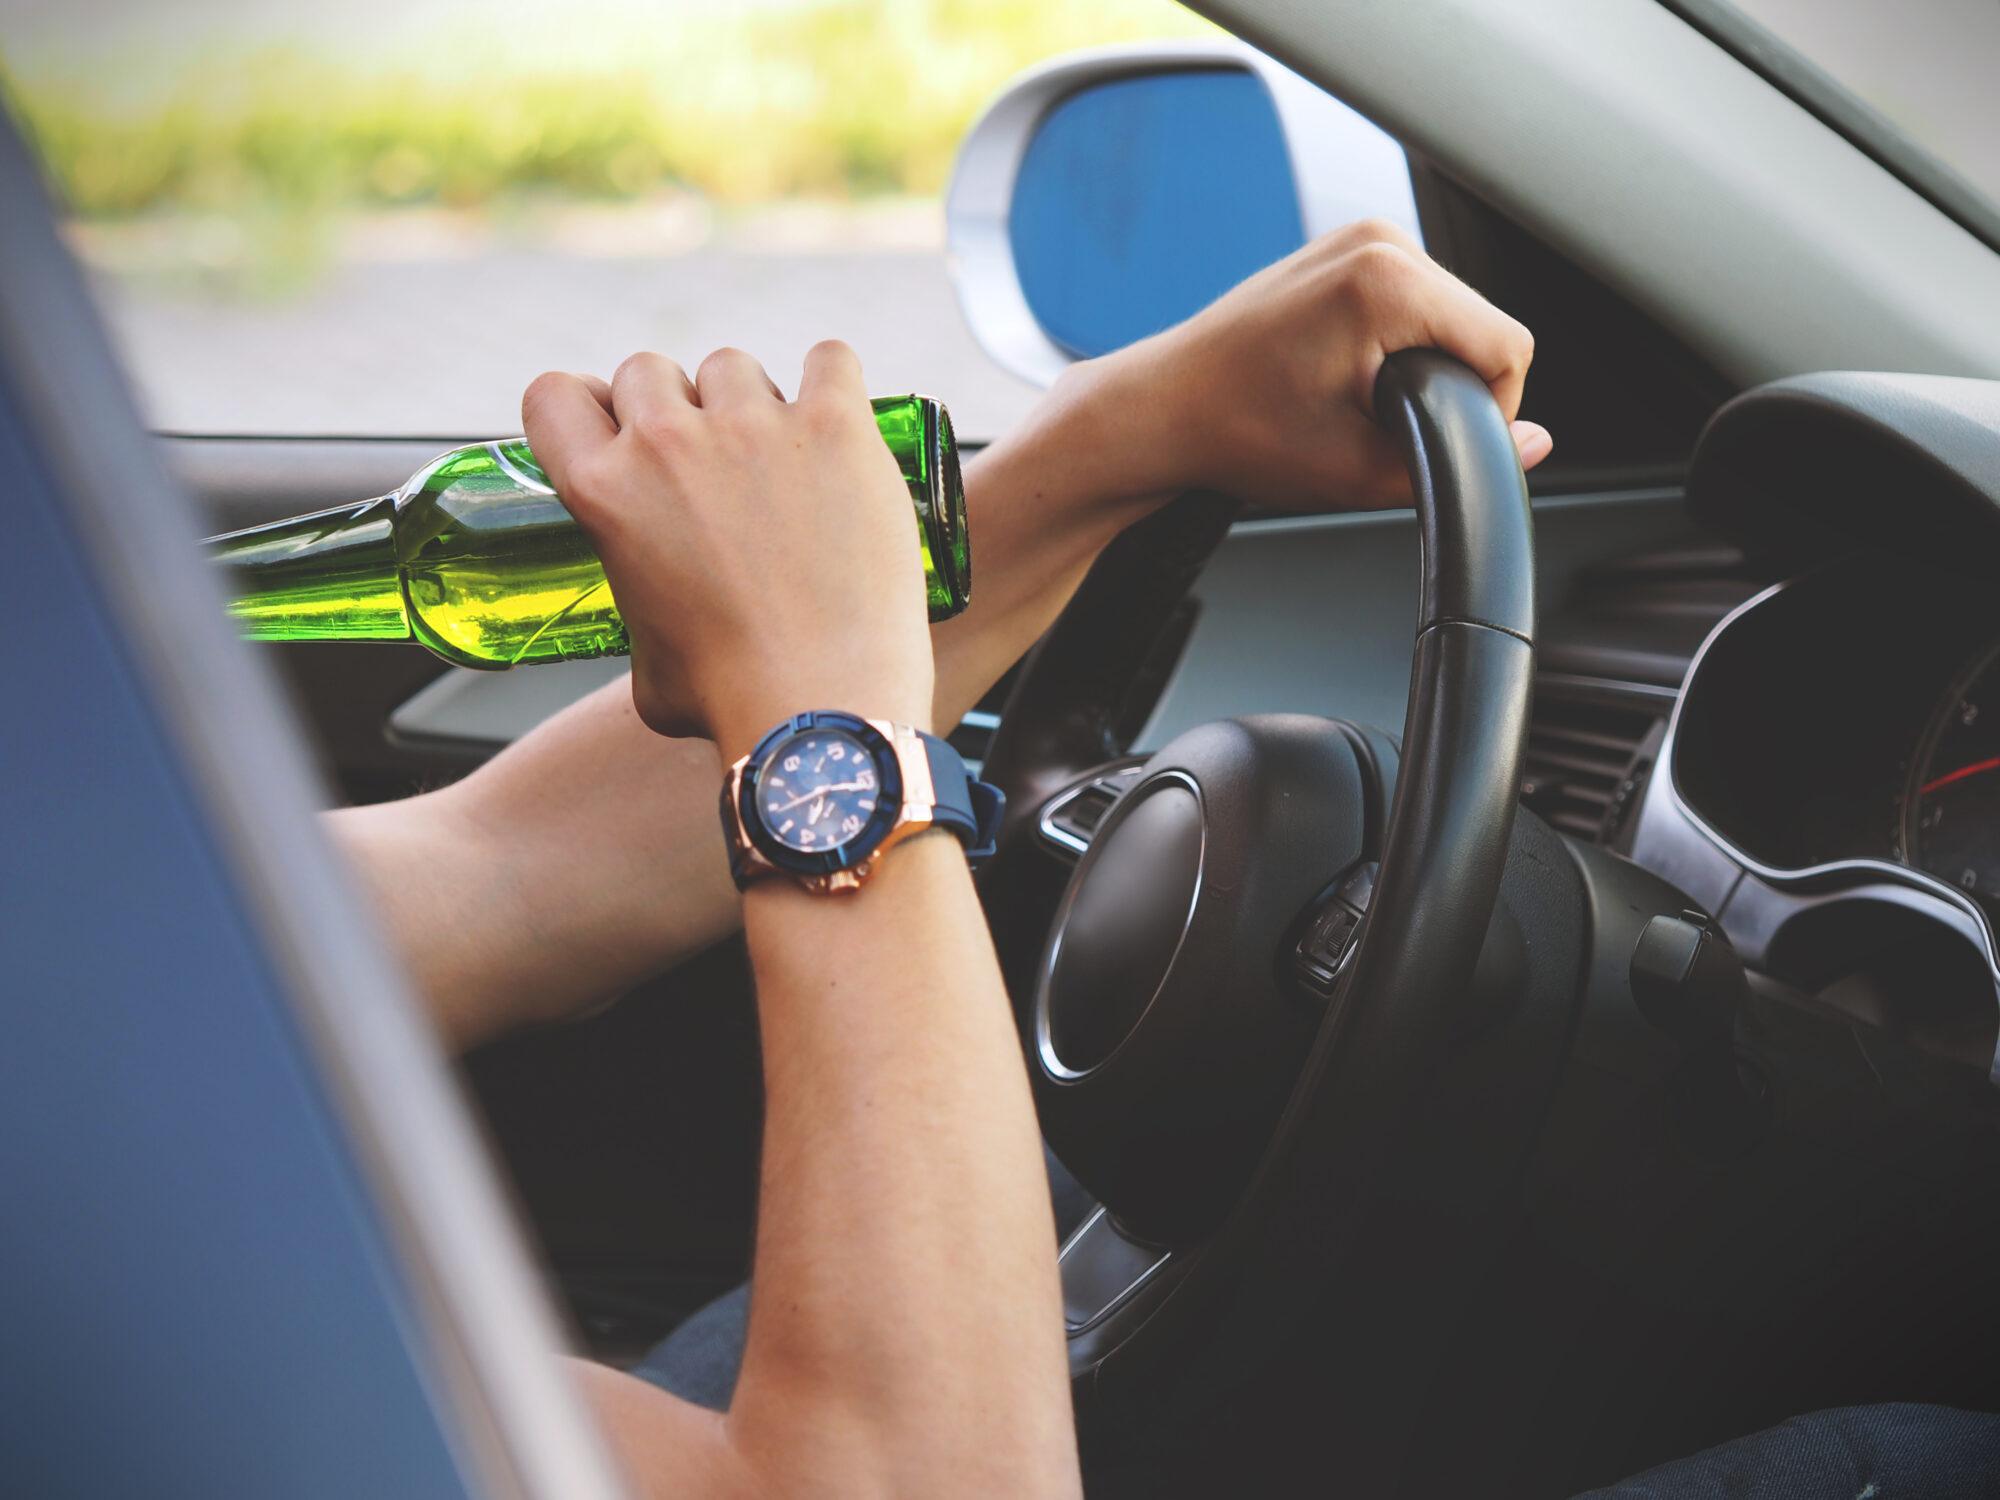 З 1 липня кермування у стані сп'яніння стане криміналом - штрафи, Кримінальна відповідальність, керування авто в нетверезому стані - hand man blur sport car wheel 973809 pxhere.com  2000x1500